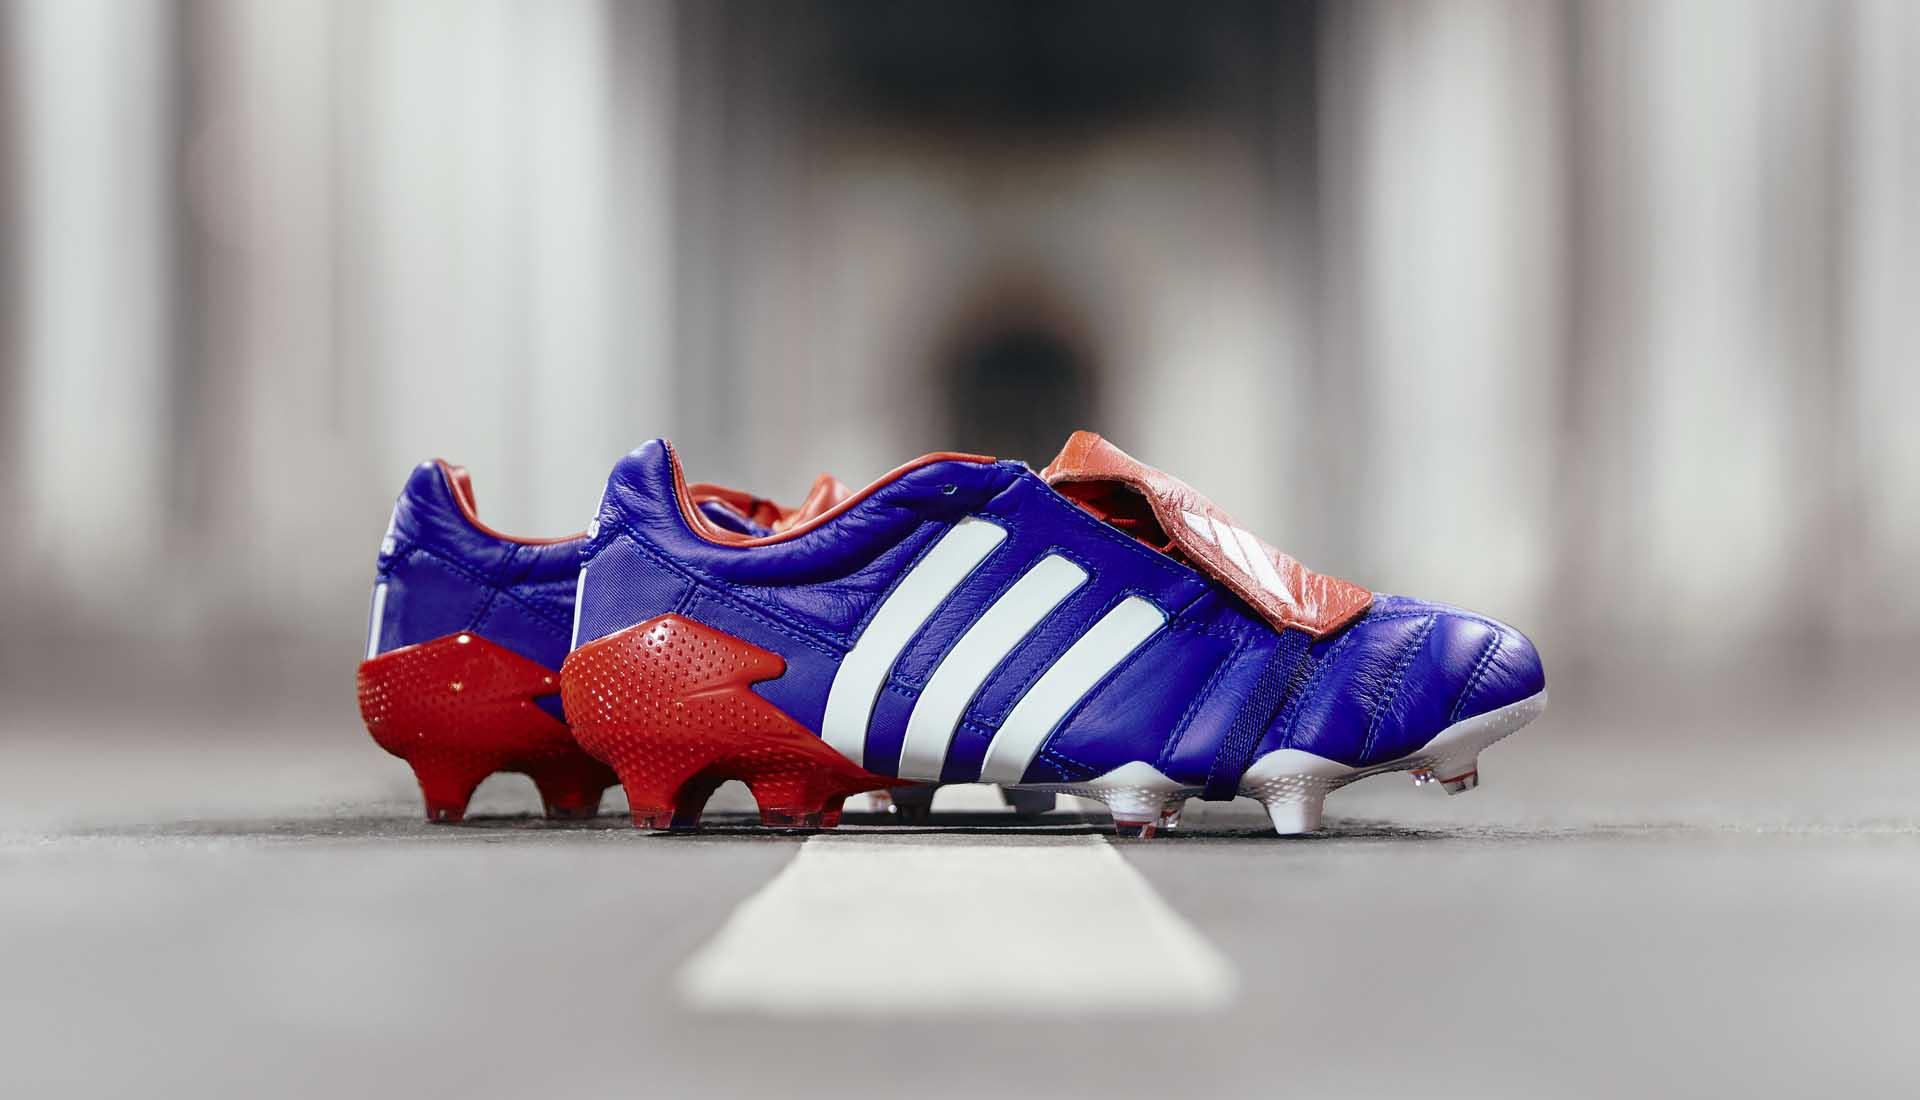 Giày đá bóng adidas Predator Mania Tormentor